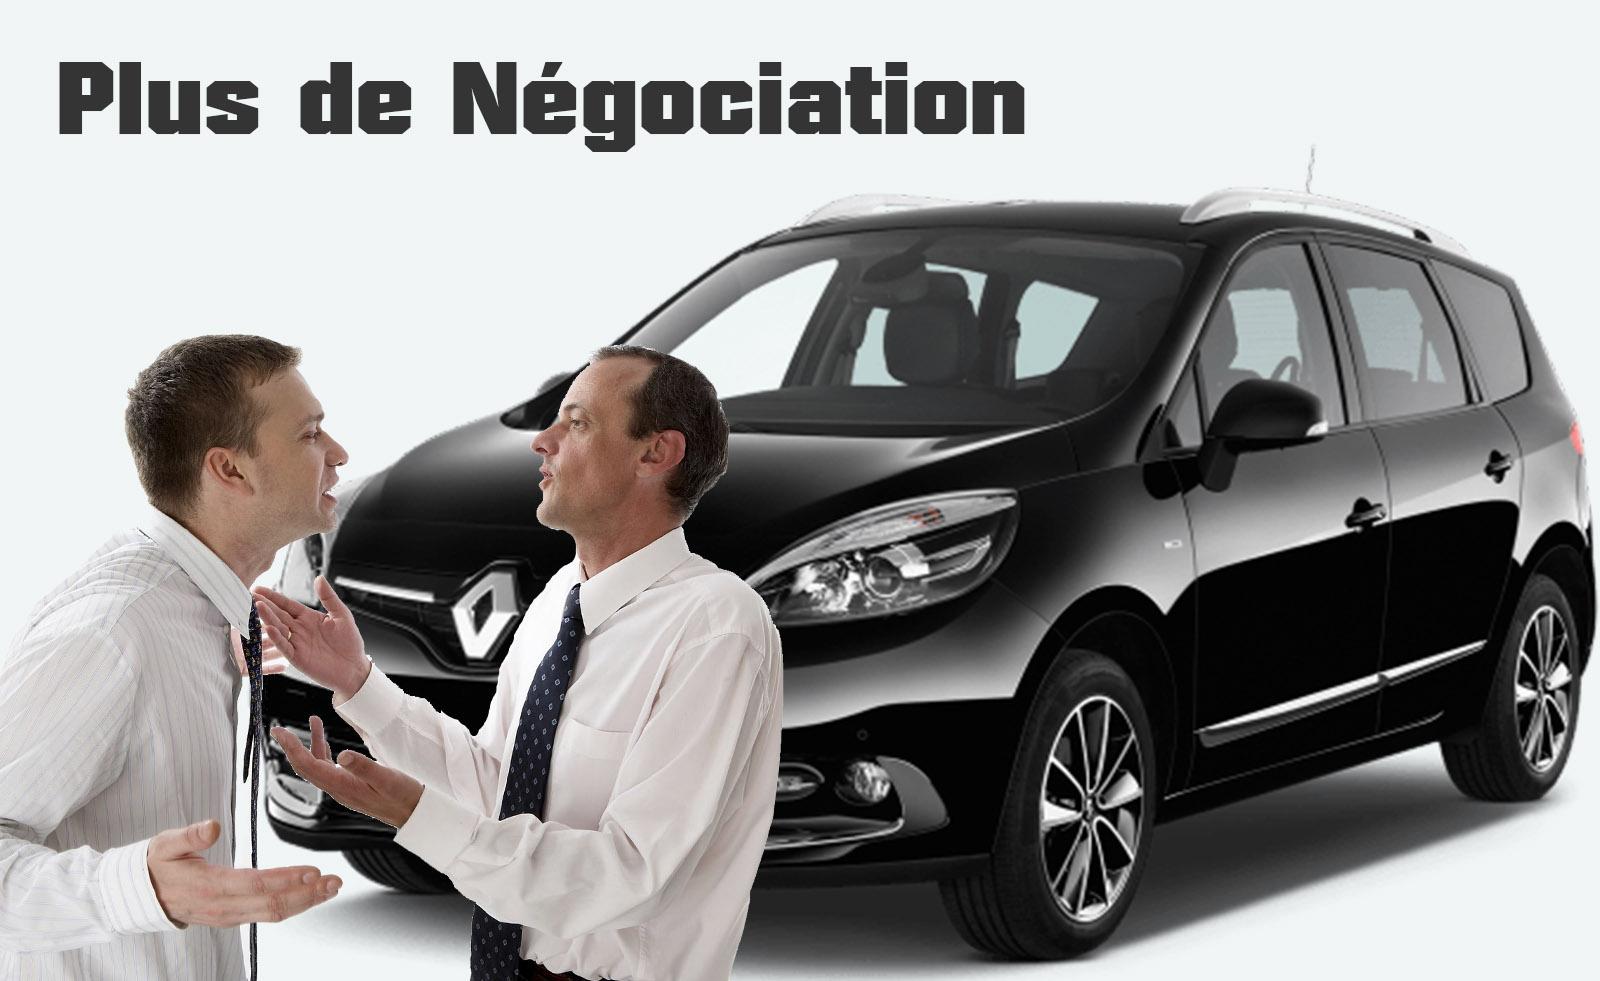 la négociation des prix des voitures trouble les clients